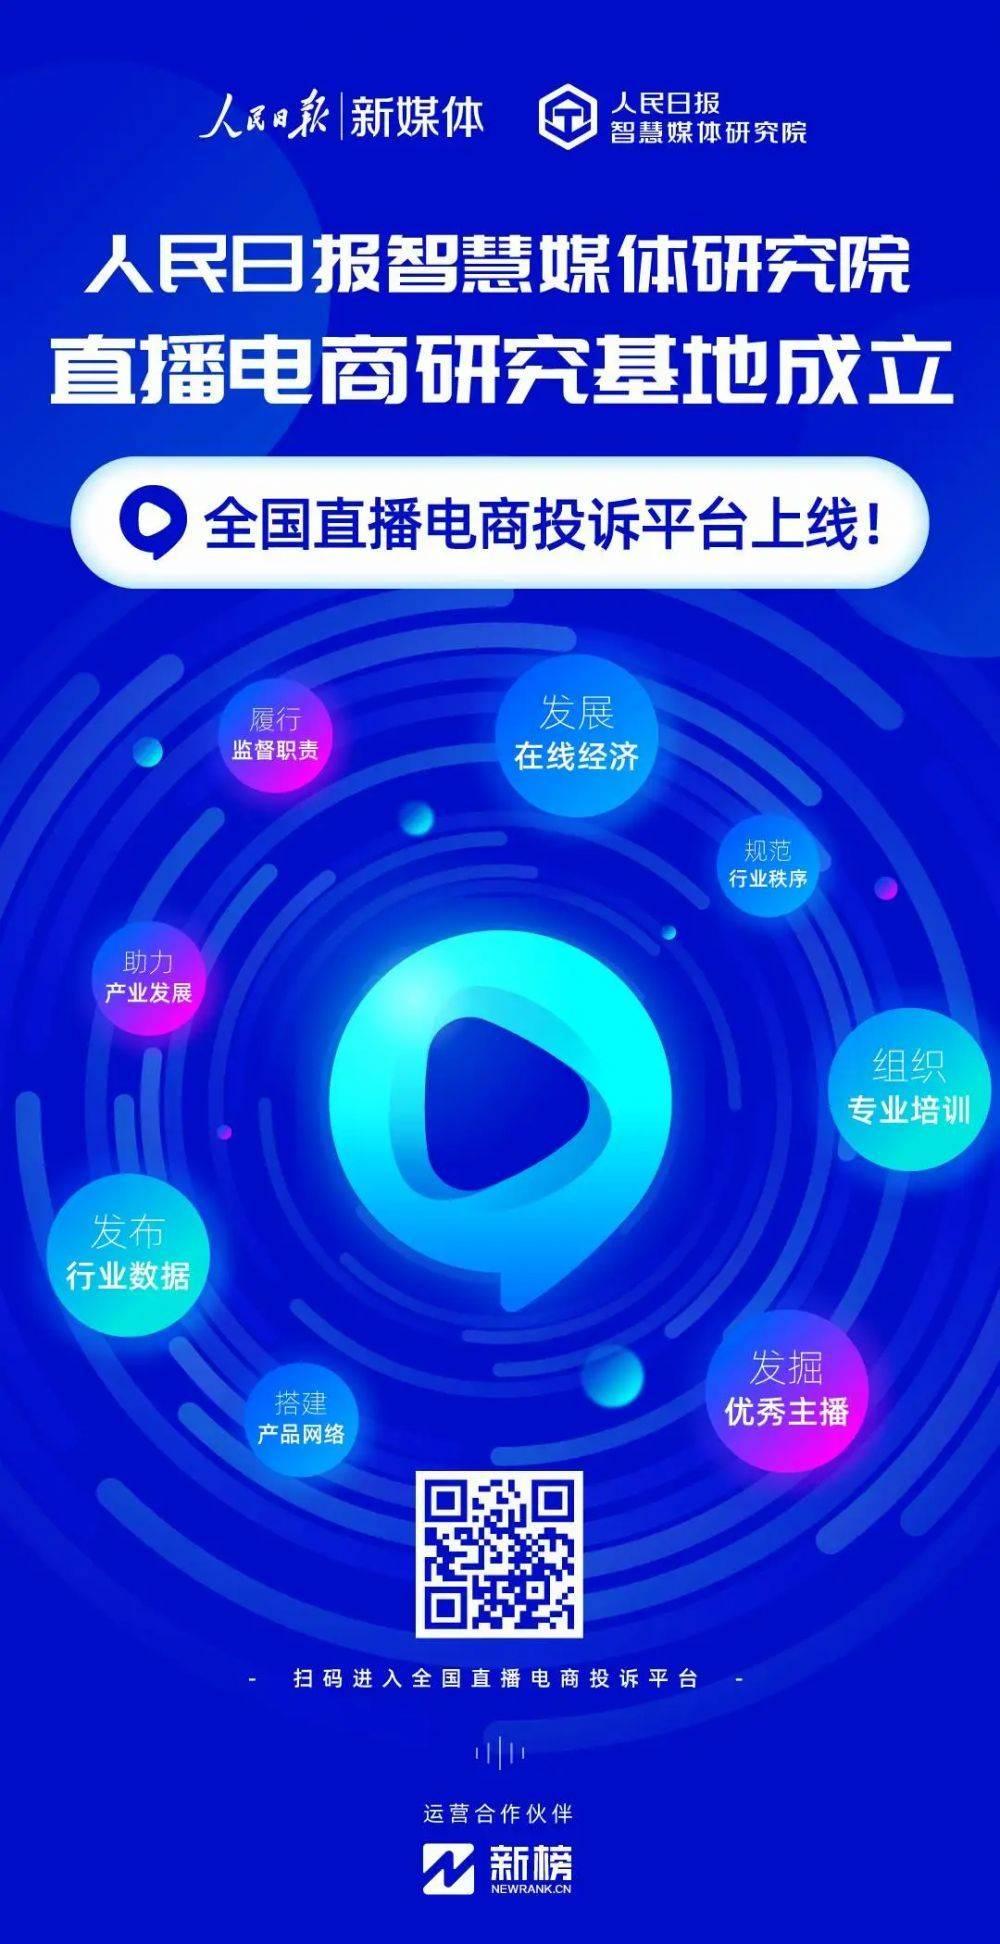 采访近100位真实消费者,我发现了直播卖货的5个秘密-第8张图片-周小辉<a href='https://www.zhouxiaohui.cn/duanshipin/'>短视频</a>培训博客